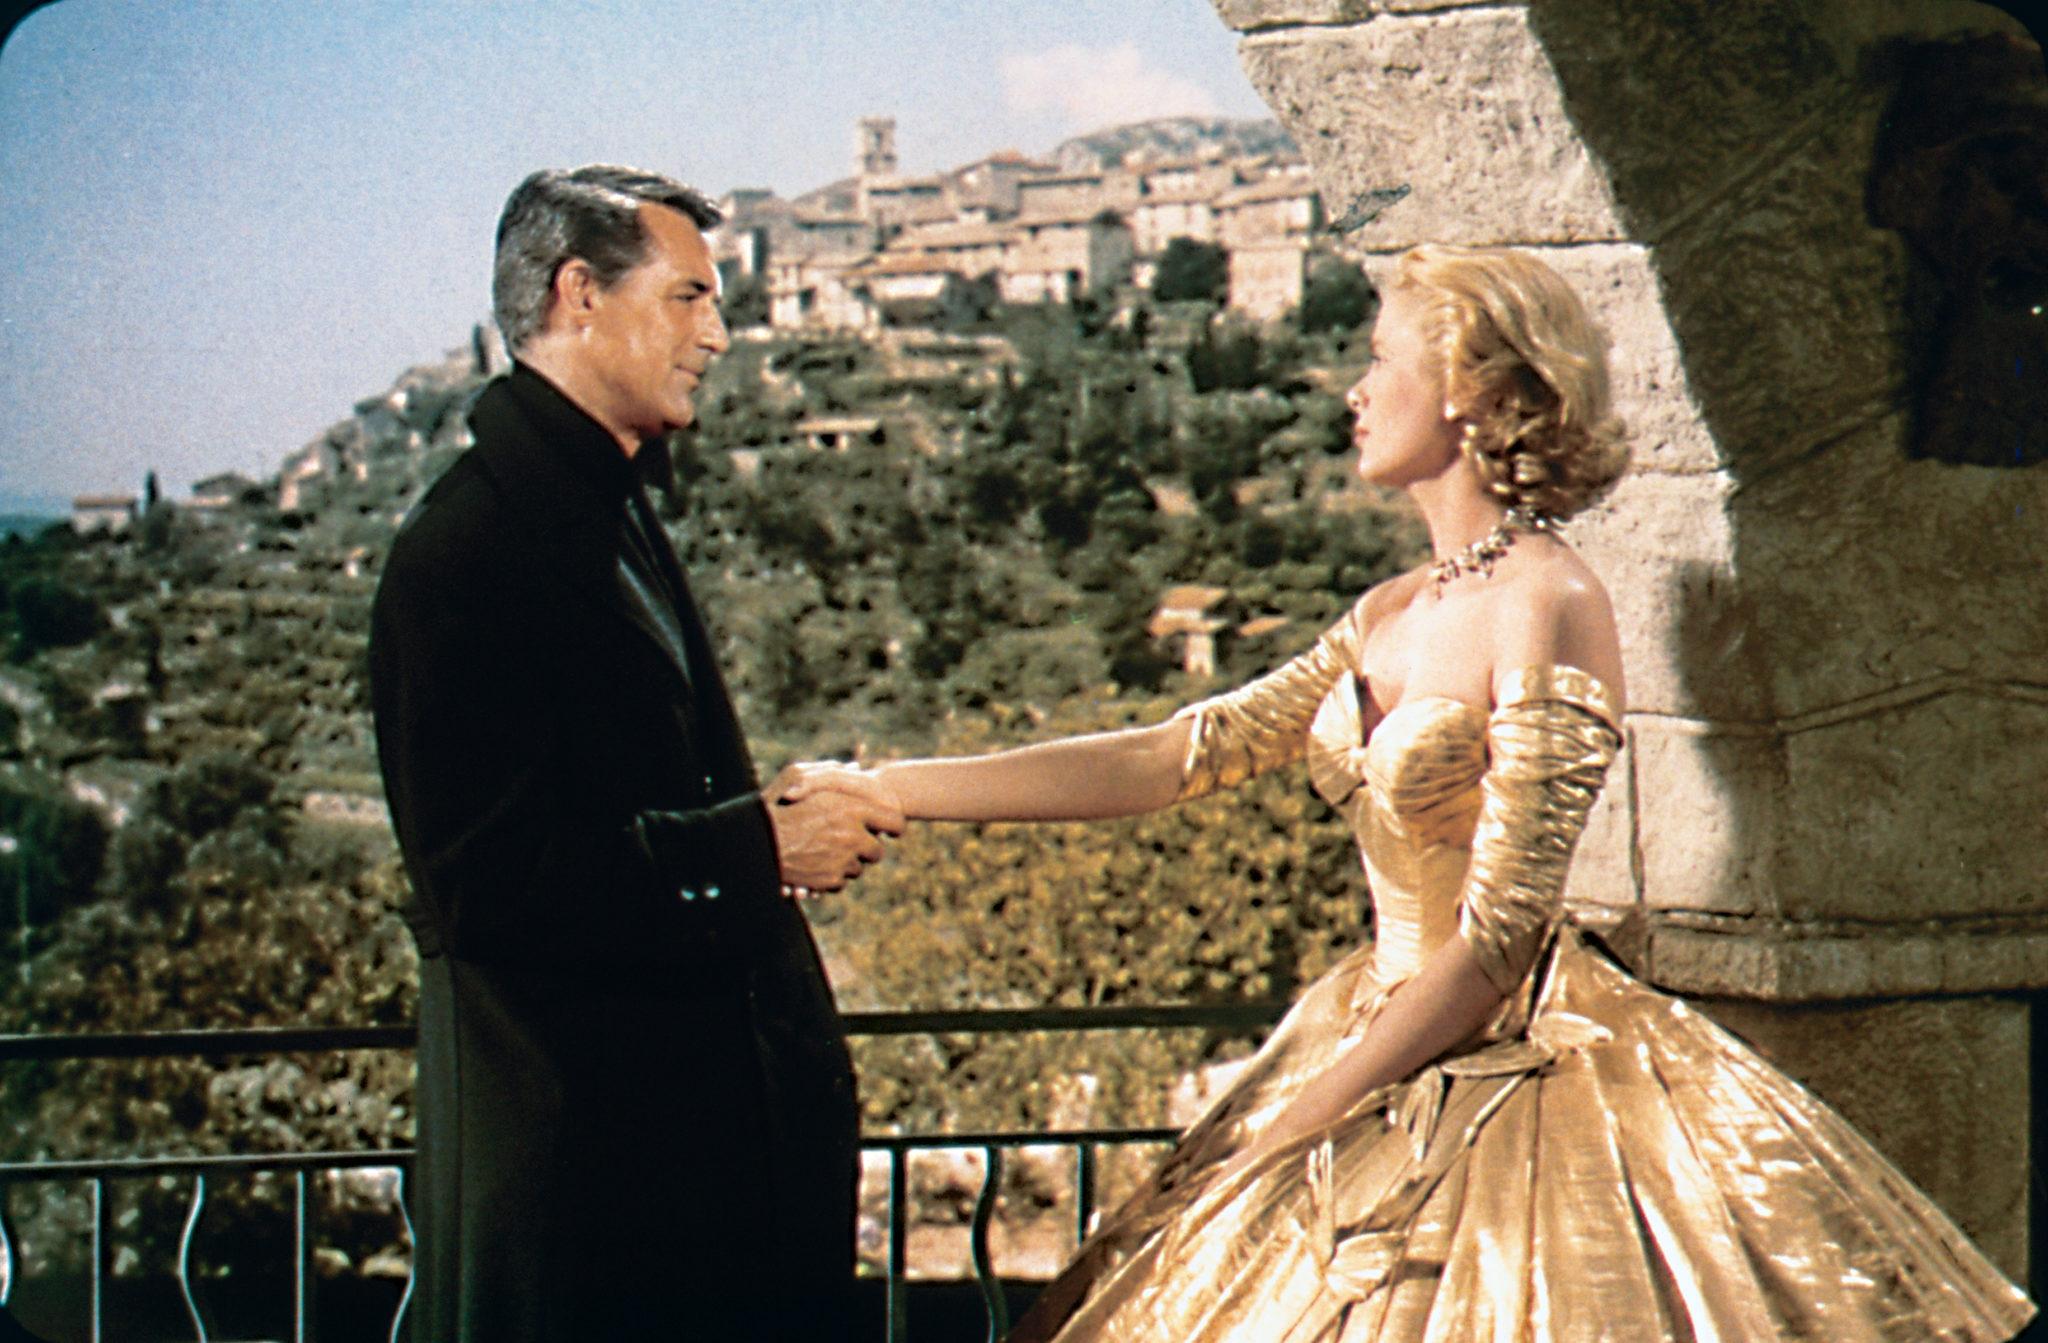 John Robie (Cary Grant) in schwarzem Mantel und Frances (Grace Kelly) in goldenem Kleid schütteln sich in Über den Dächern von Nizza die Hand. Im Hintergrund ist ein Dorf an der Küste der französischen Riviera zu sehen.